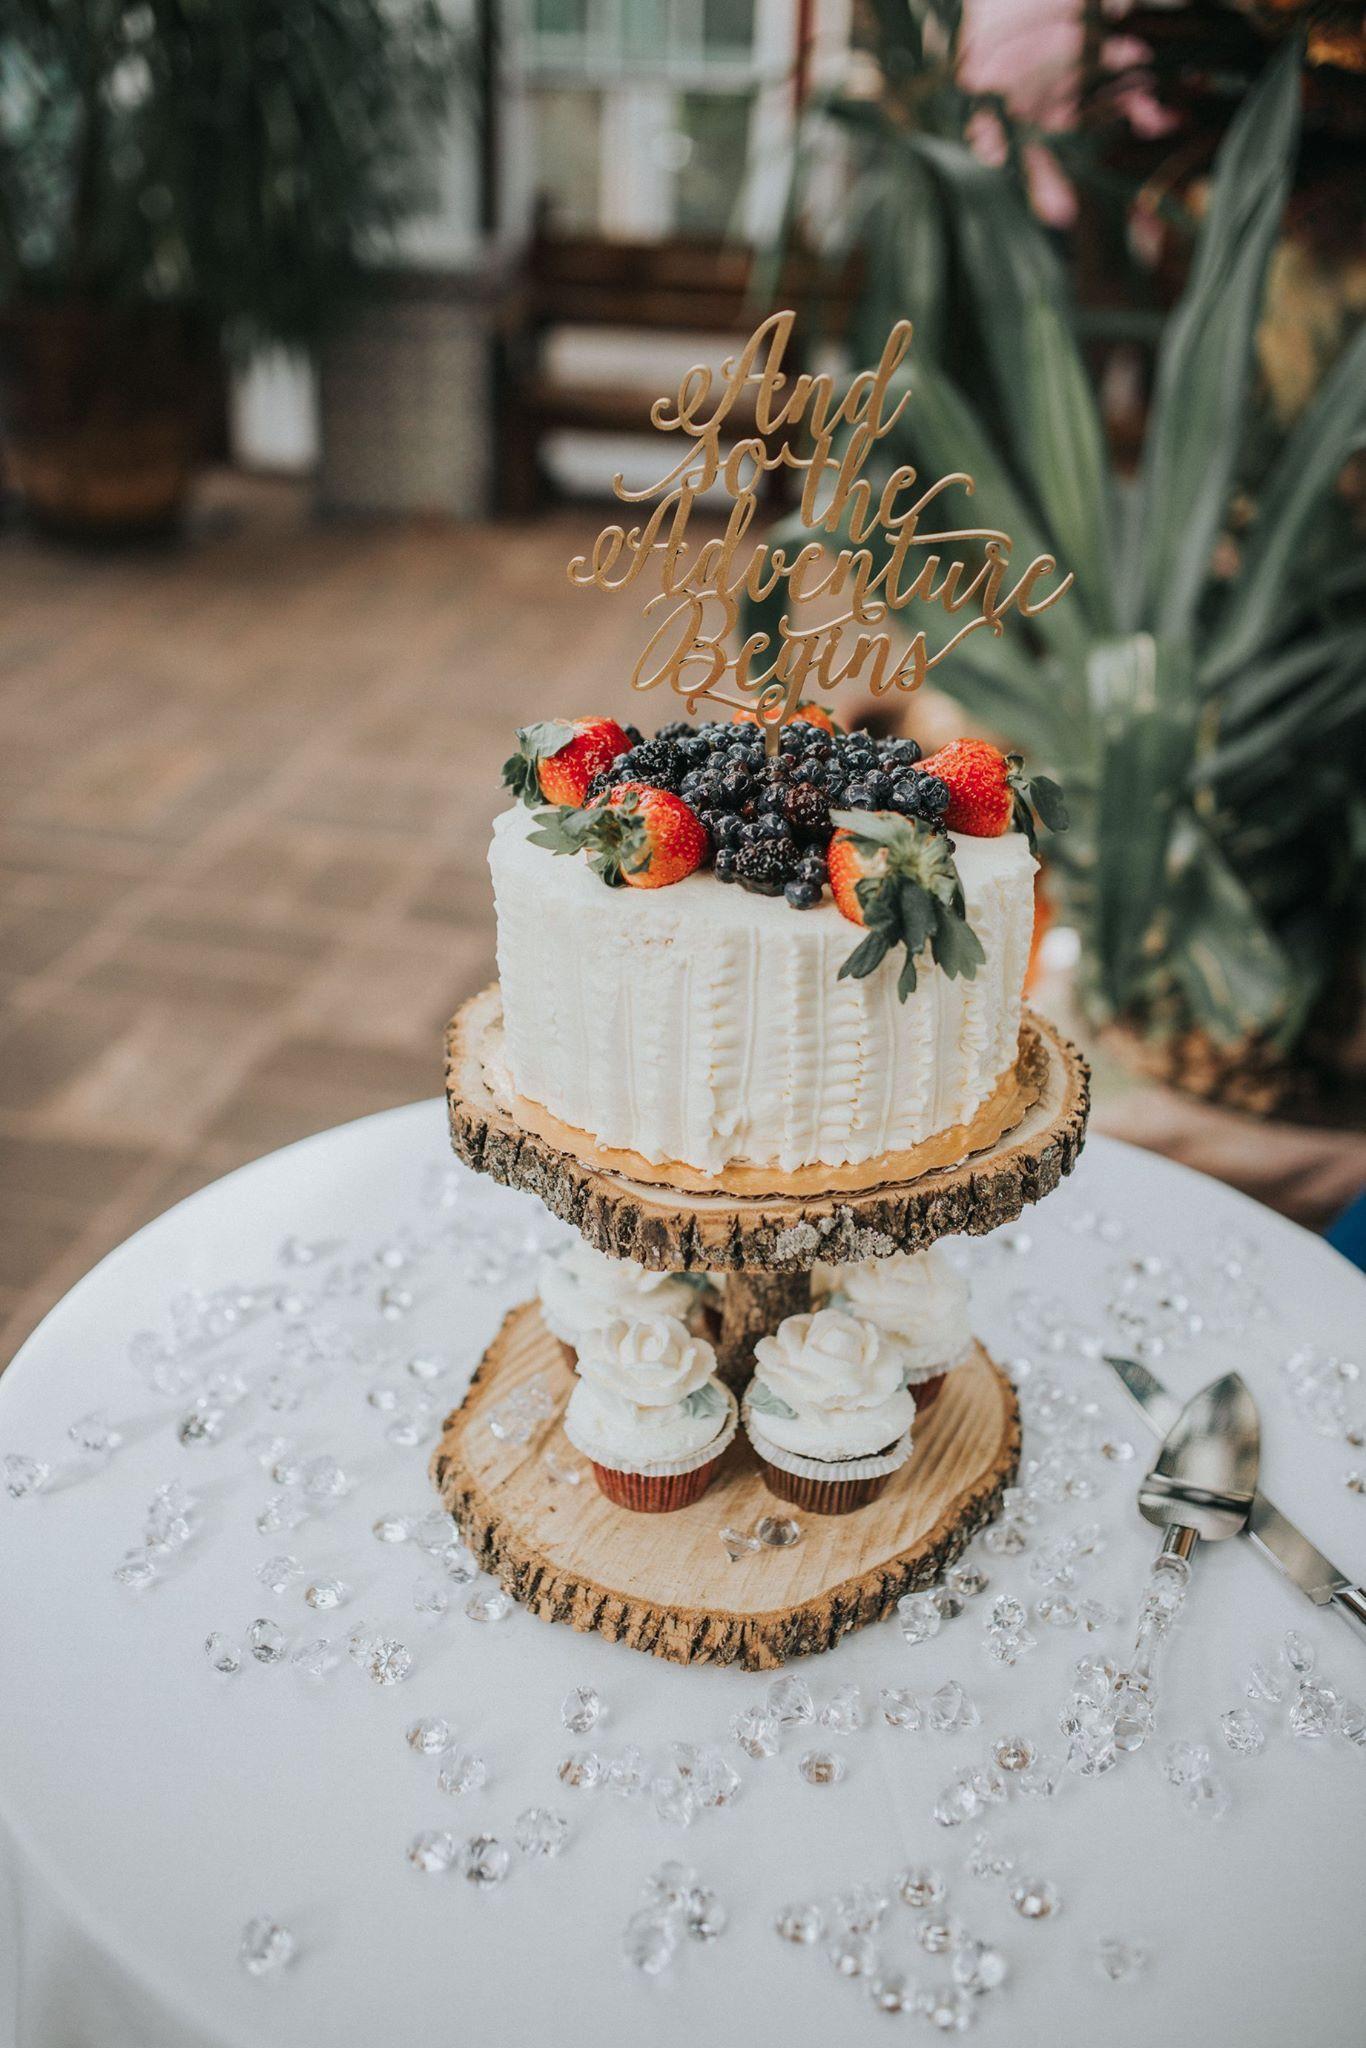 Whole Foods Wedding Cakes  Wedding cake Whole Foods berry chantilly wood cake